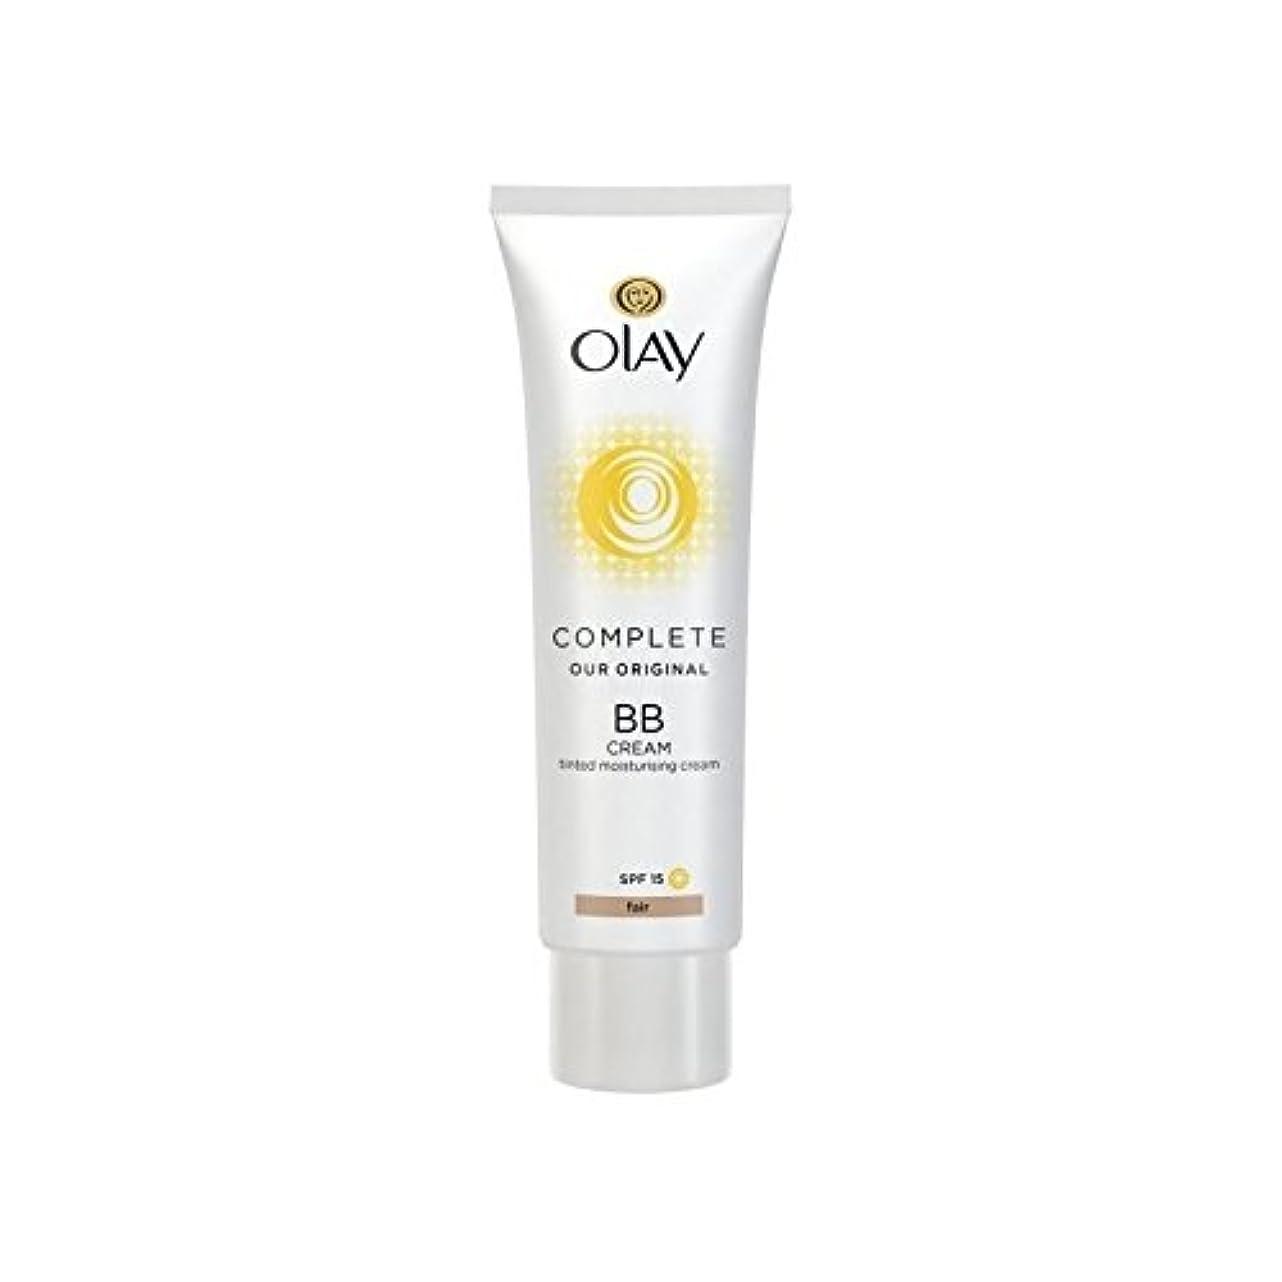 承知しました抵抗あたたかいOlay Complete BB Cream Fair SPF15 50ml (Pack of 6) - オーレイ完全なクリーム15フェアの50ミリリットル x6 [並行輸入品]